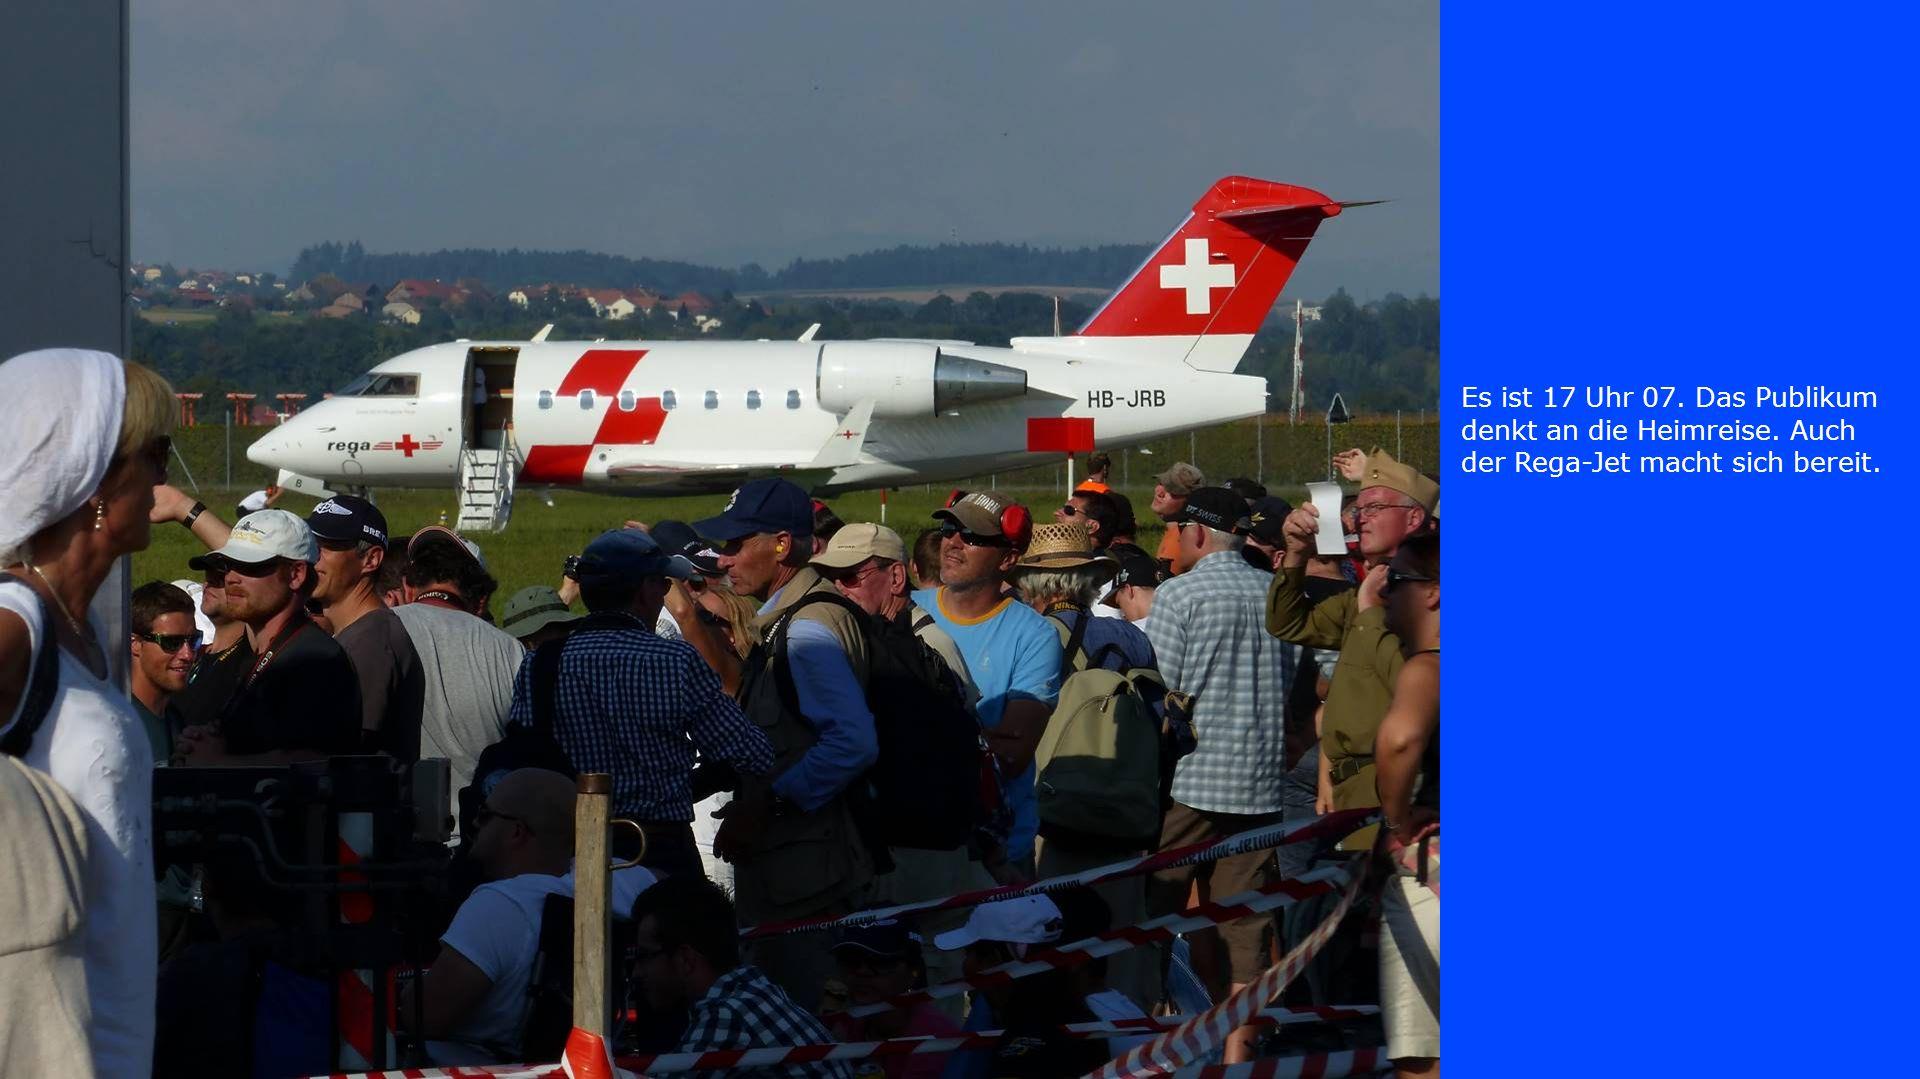 Es ist 17 Uhr 07. Das Publikum denkt an die Heimreise. Auch der Rega-Jet macht sich bereit.